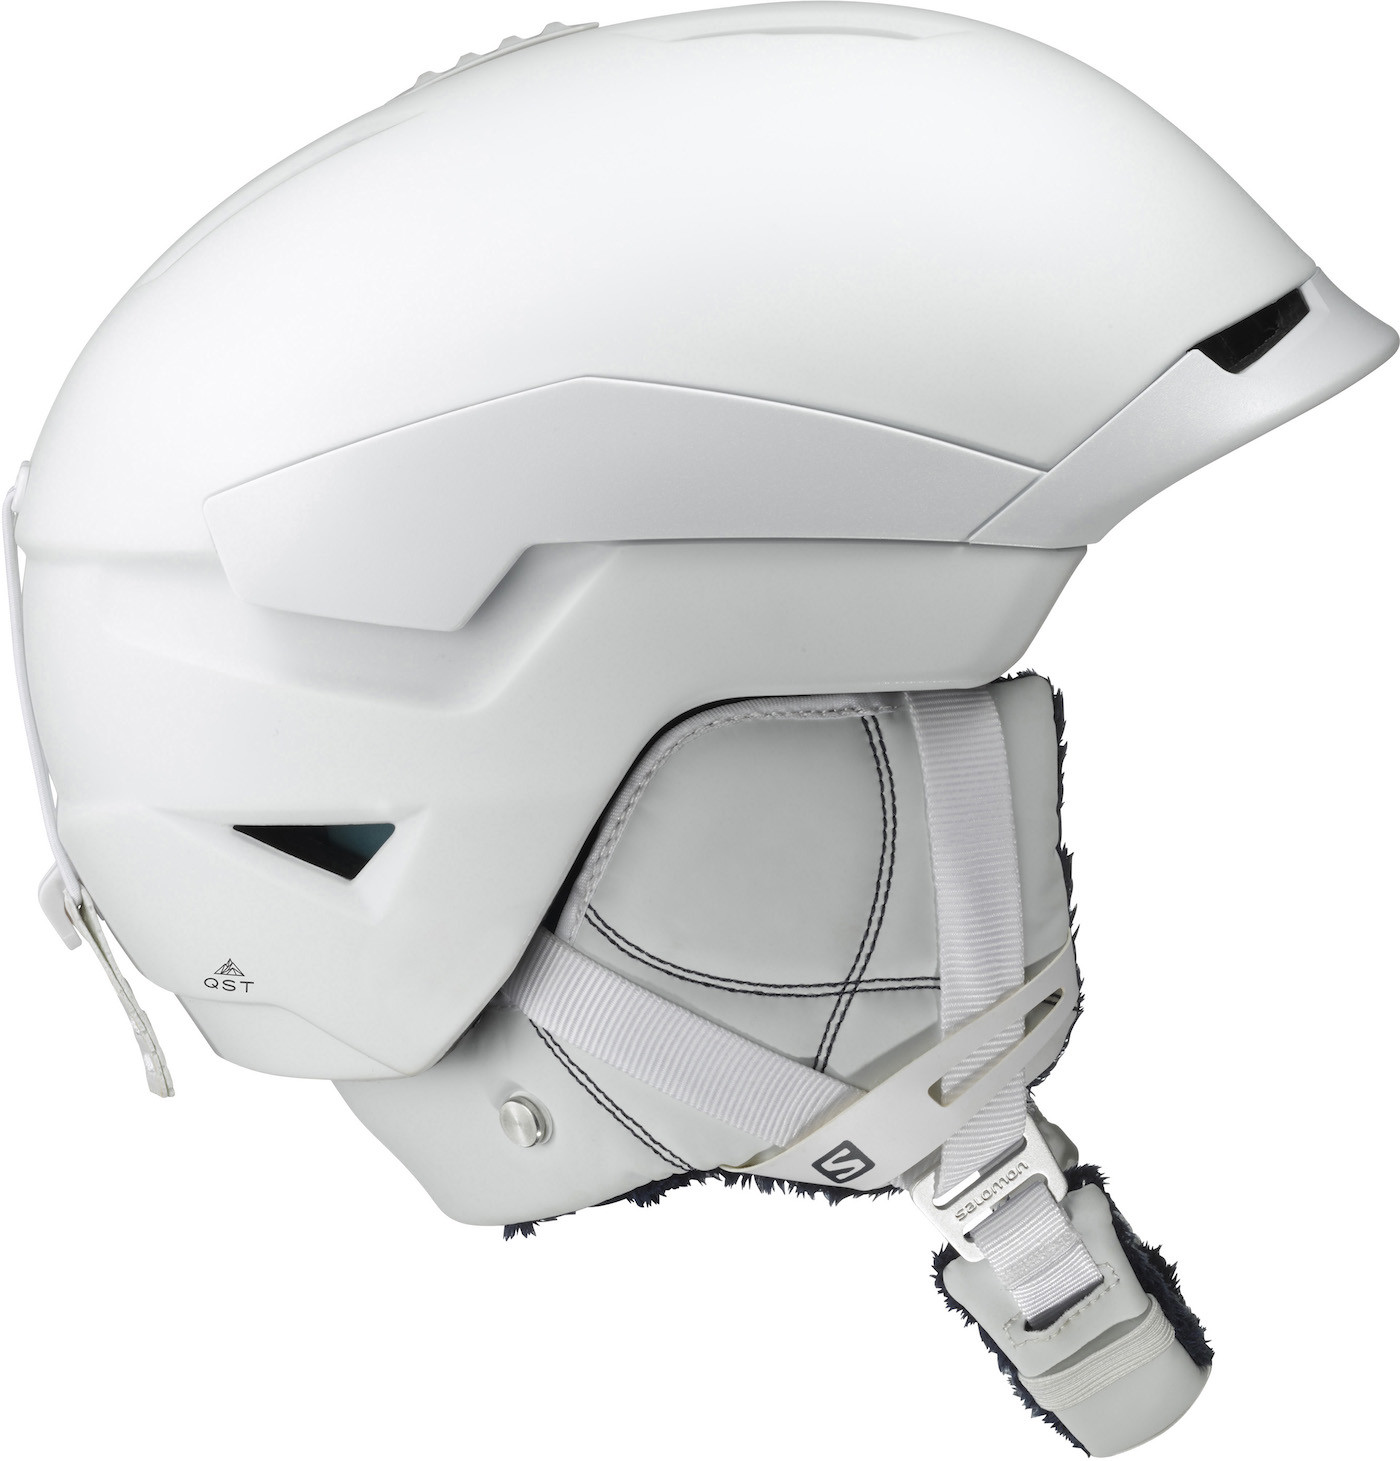 lyžařská helma salomon_390368_0_W_quest_w_white